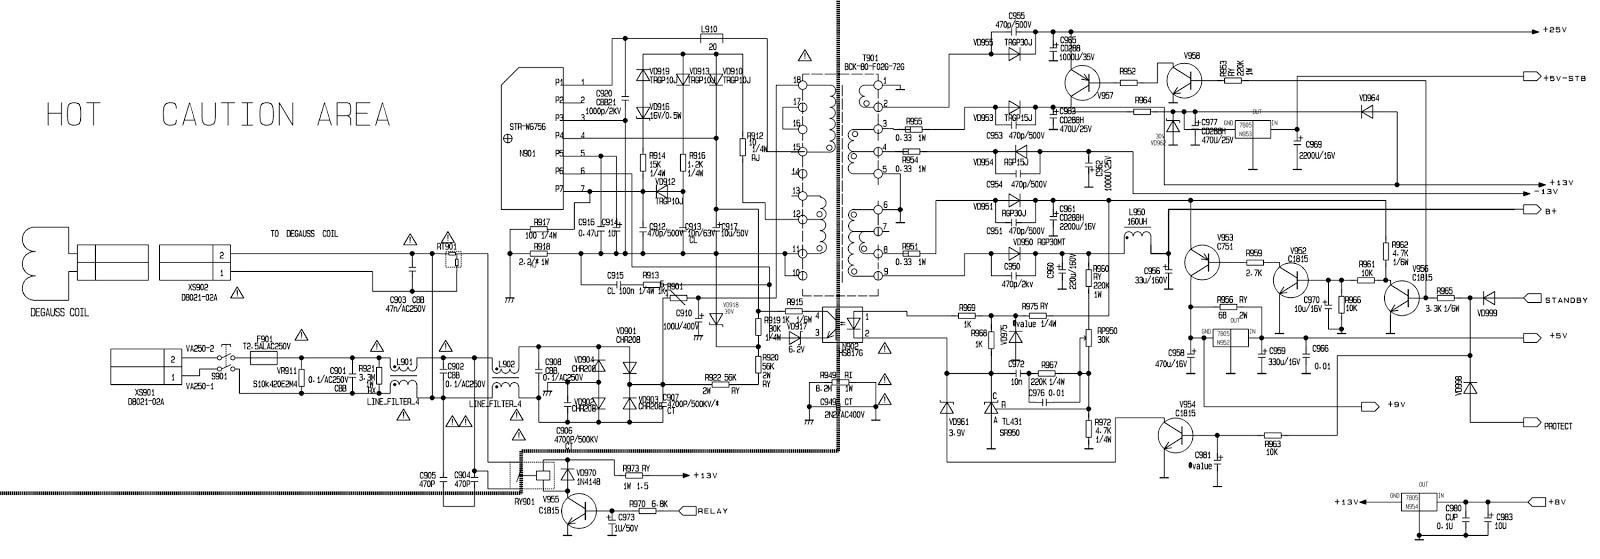 schematic diagram [ 1600 x 559 Pixel ]